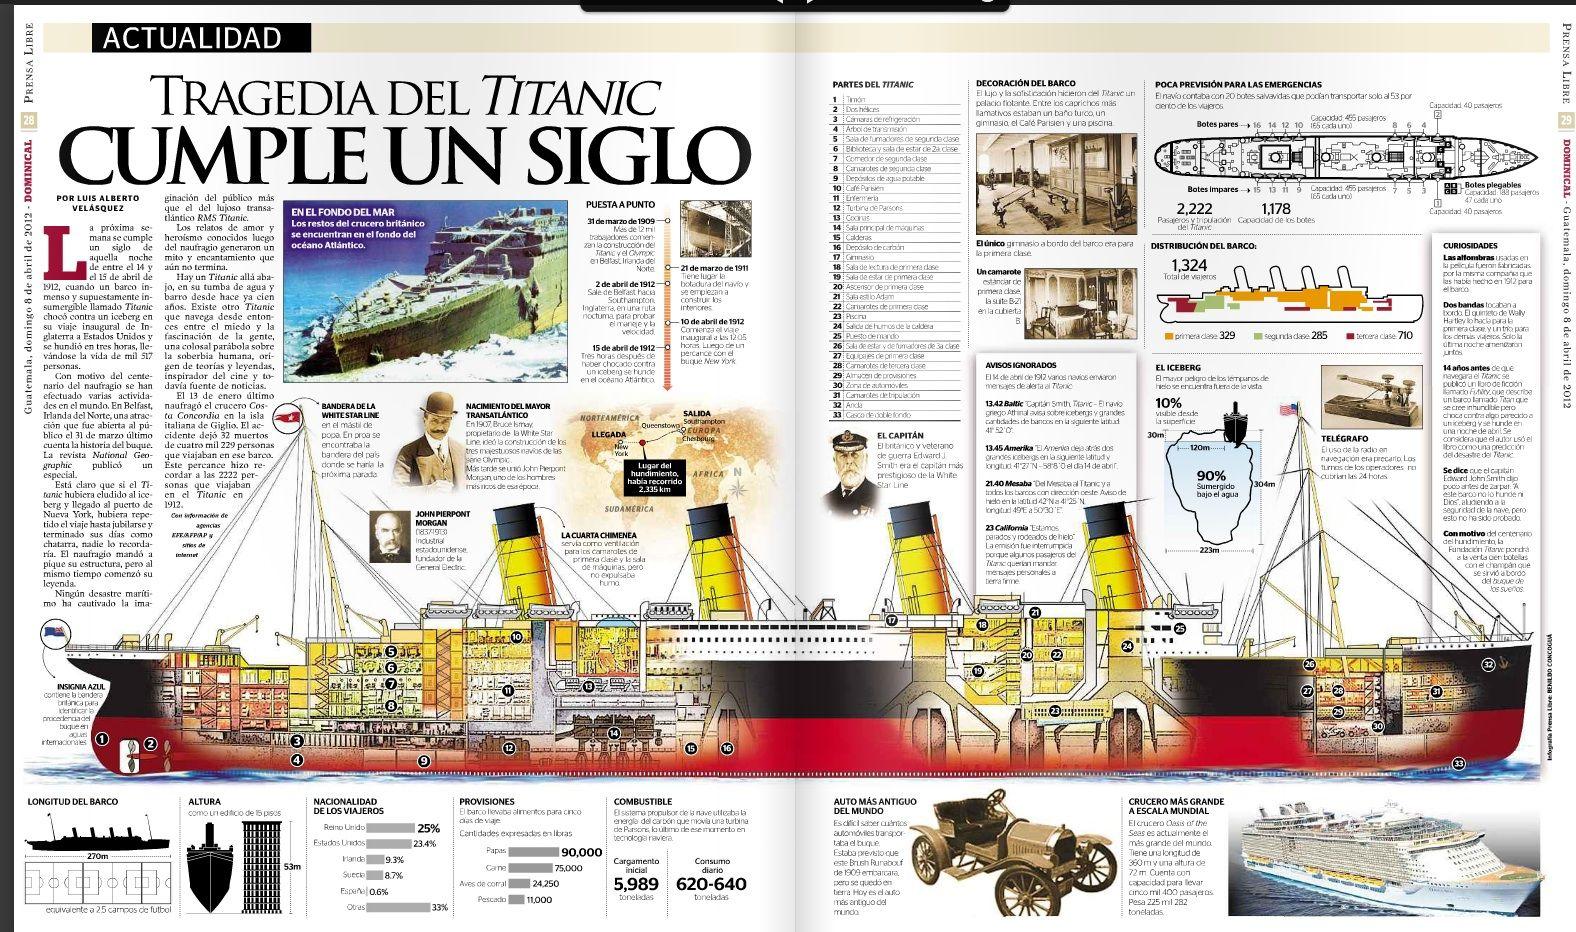 #Infografía del hundimiento del #Titanic, via @prensa_libre